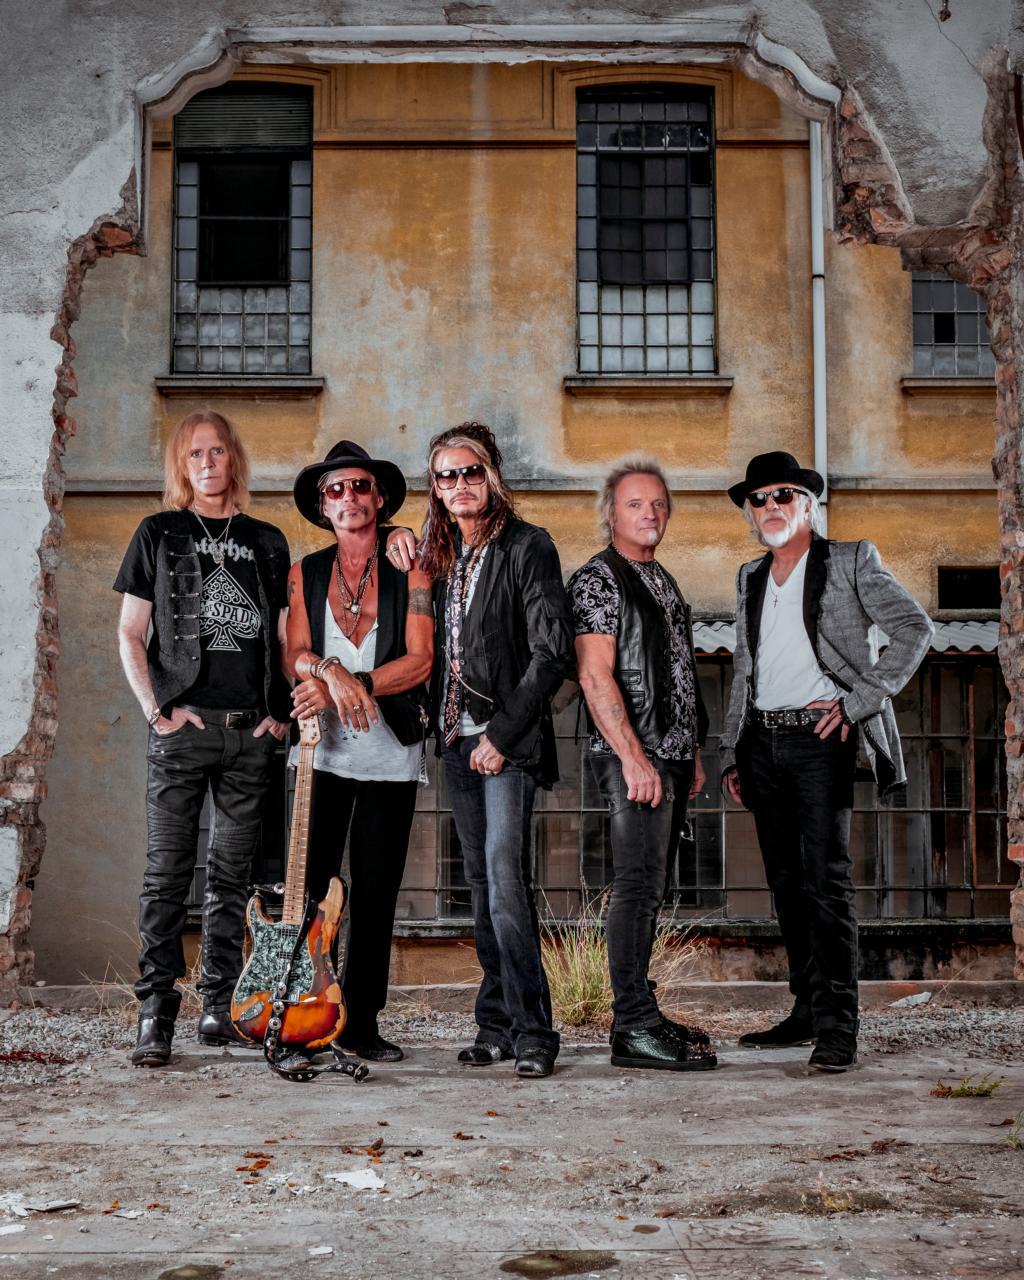 Aerosmith at MGM